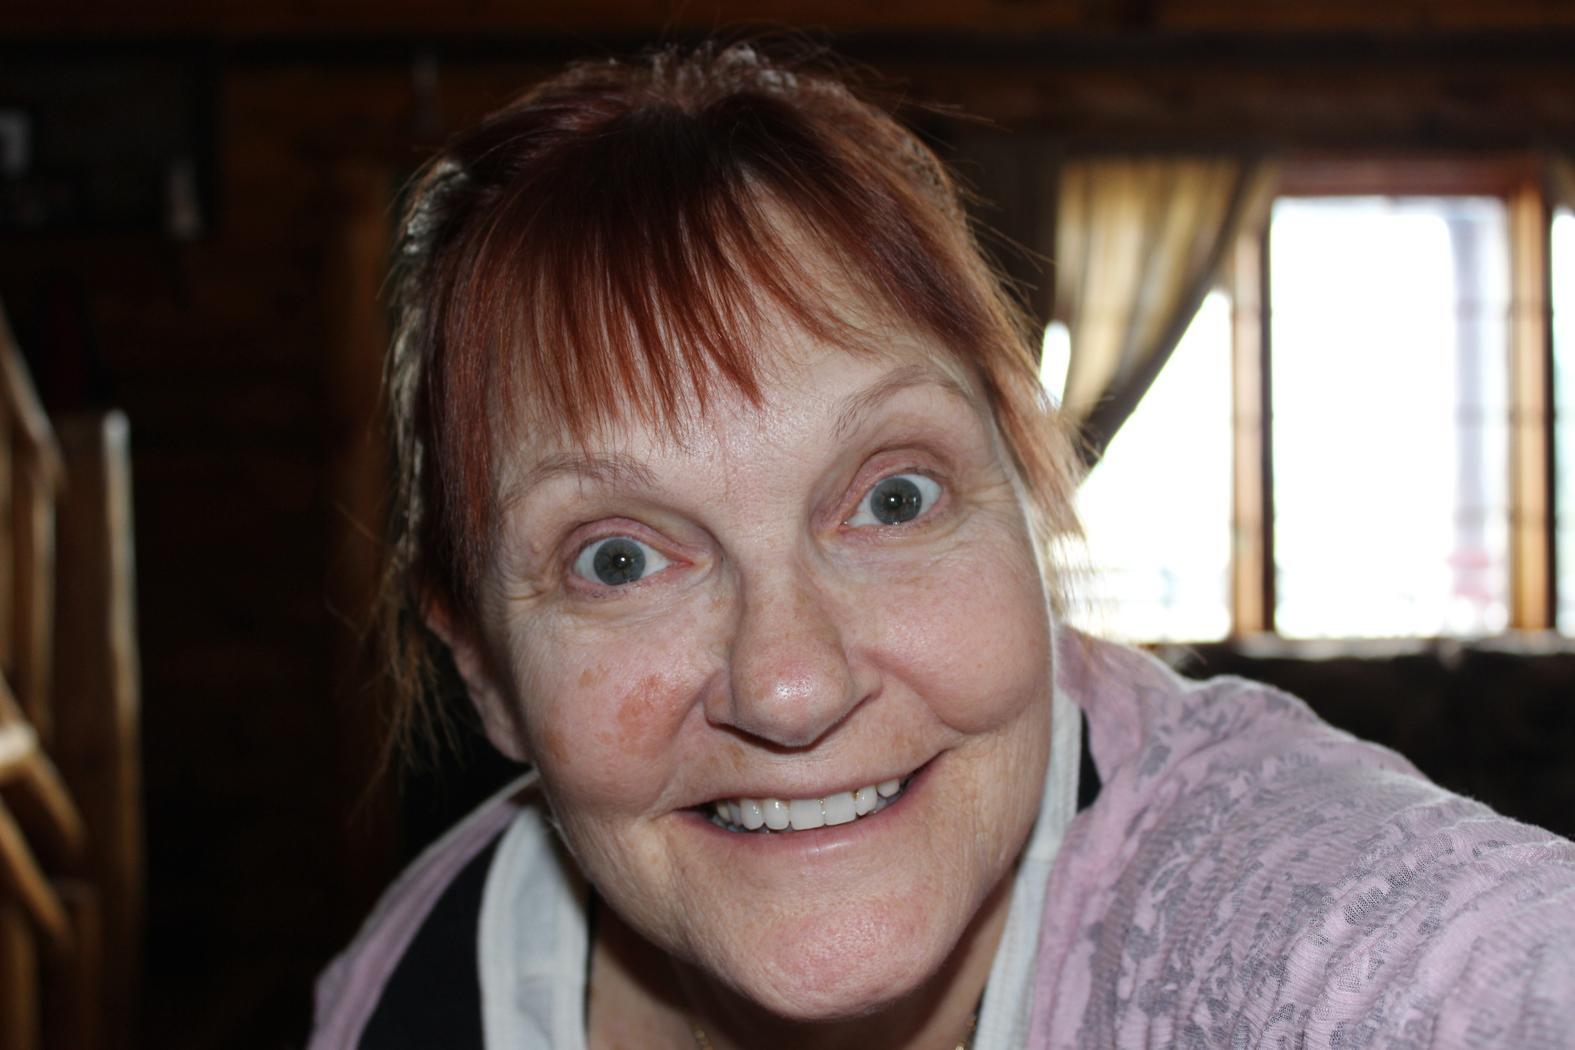 Tracy Revalee